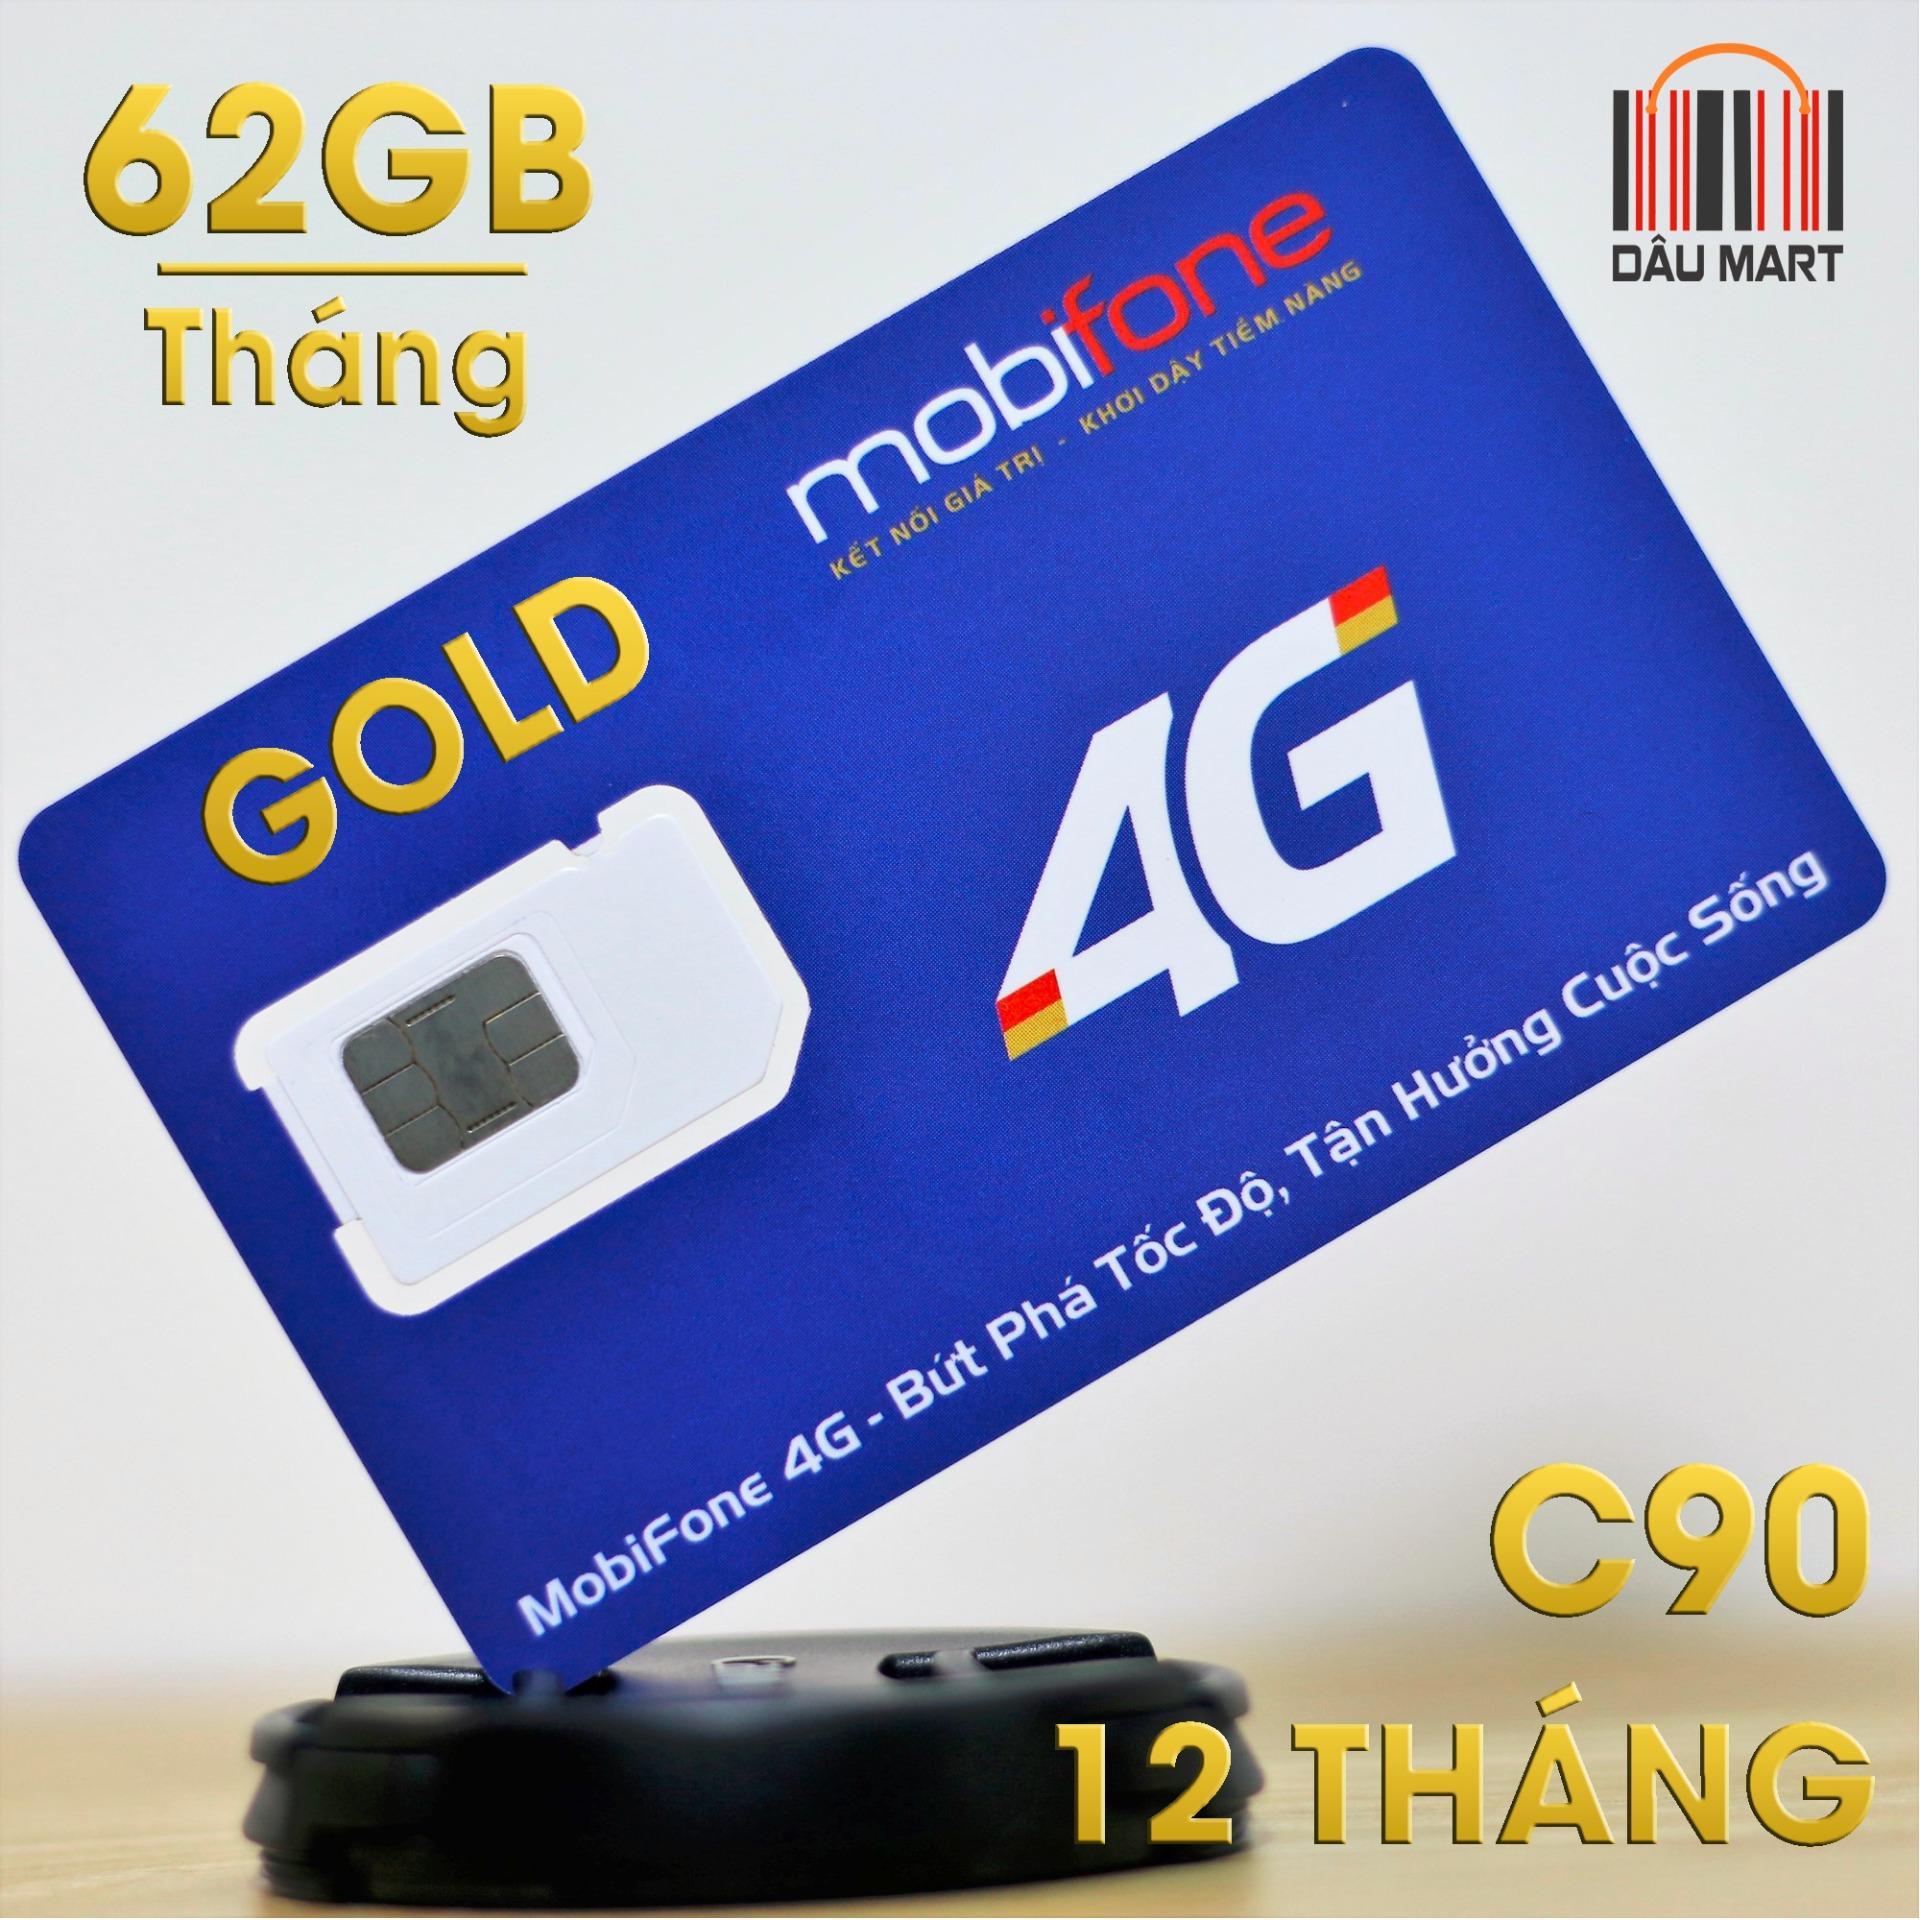 Siêu Sim 4G C90 Mobifone 62Gb/tháng